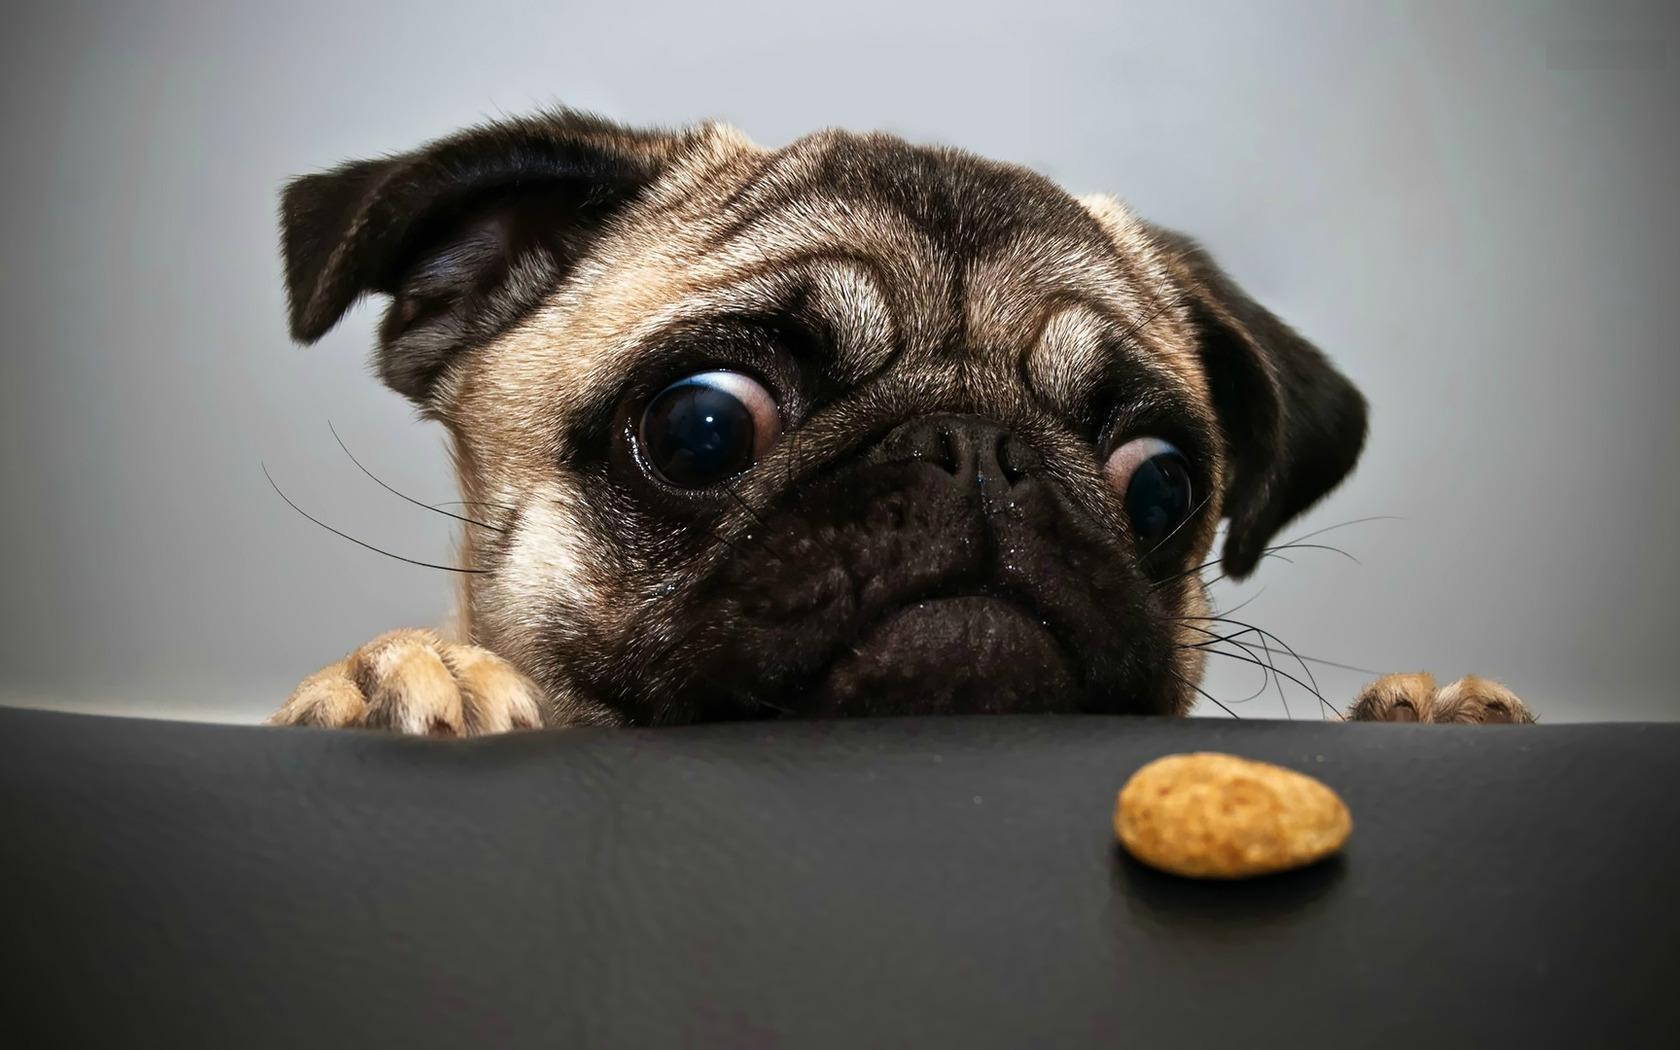 pug dog wallpapers funny face of pug dog download best desktop 1680x1050